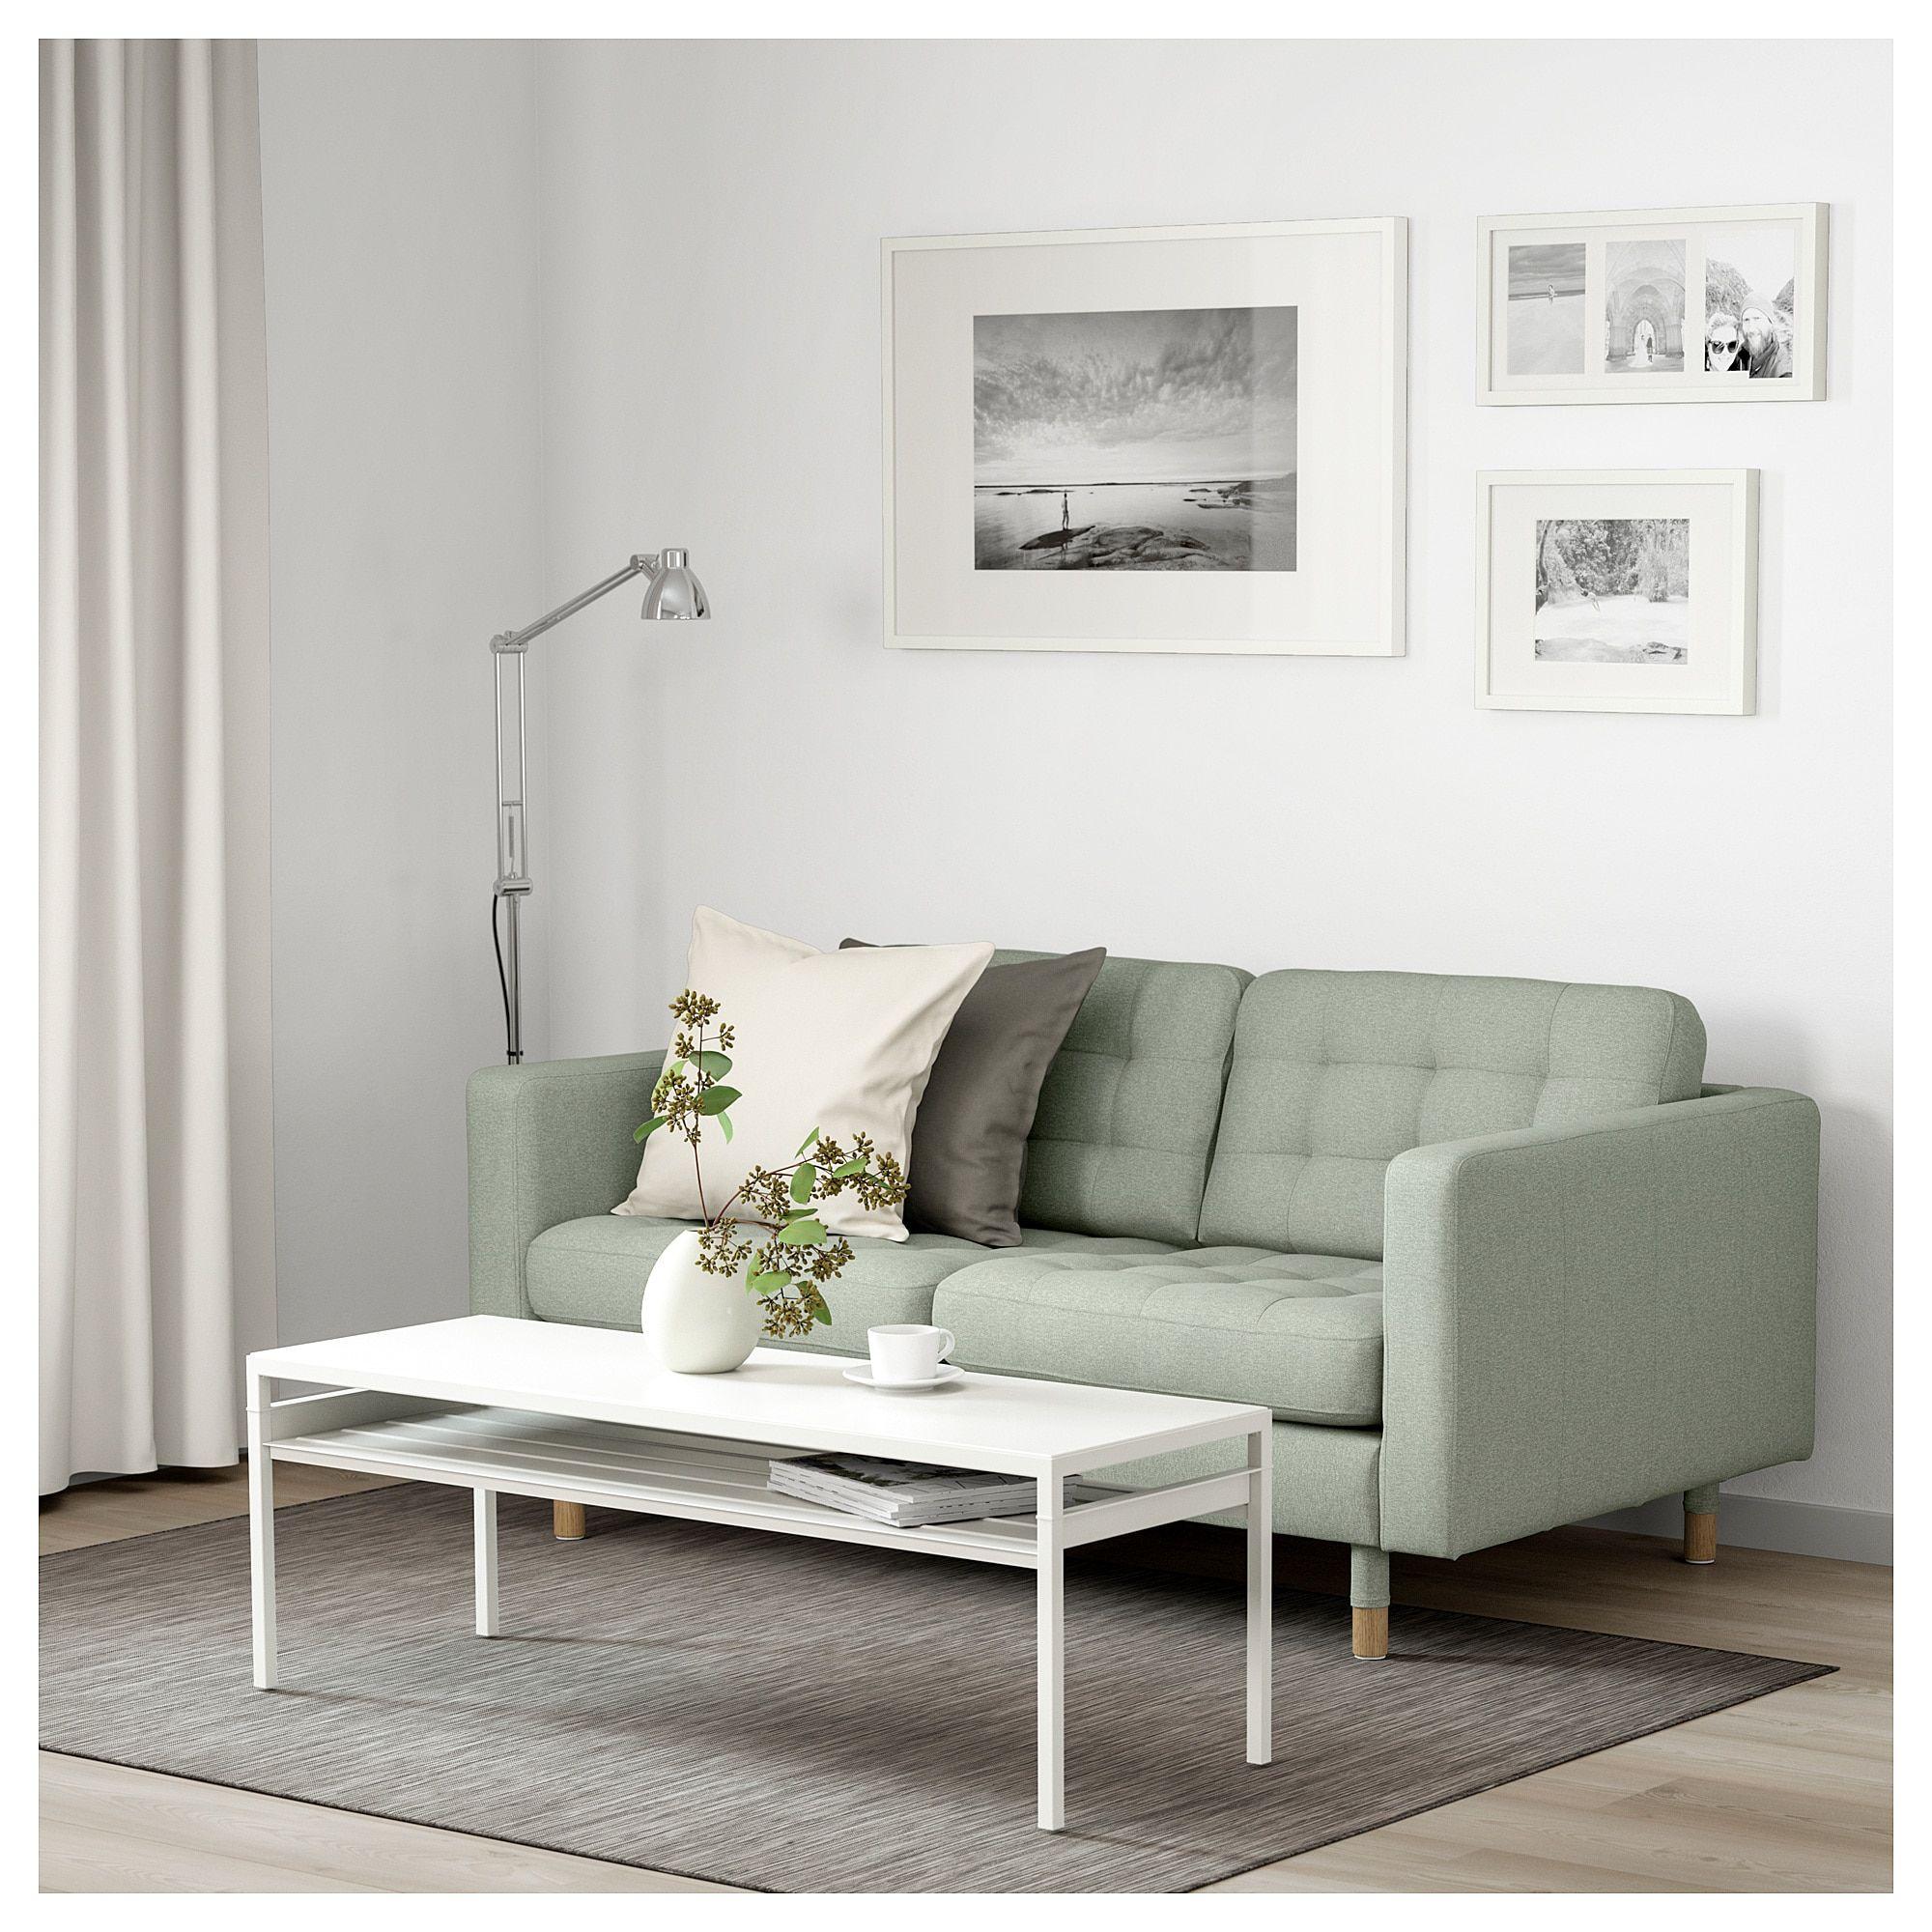 Grey sofa in living room ideas ikea landskrona loveseat gunnared light green wood